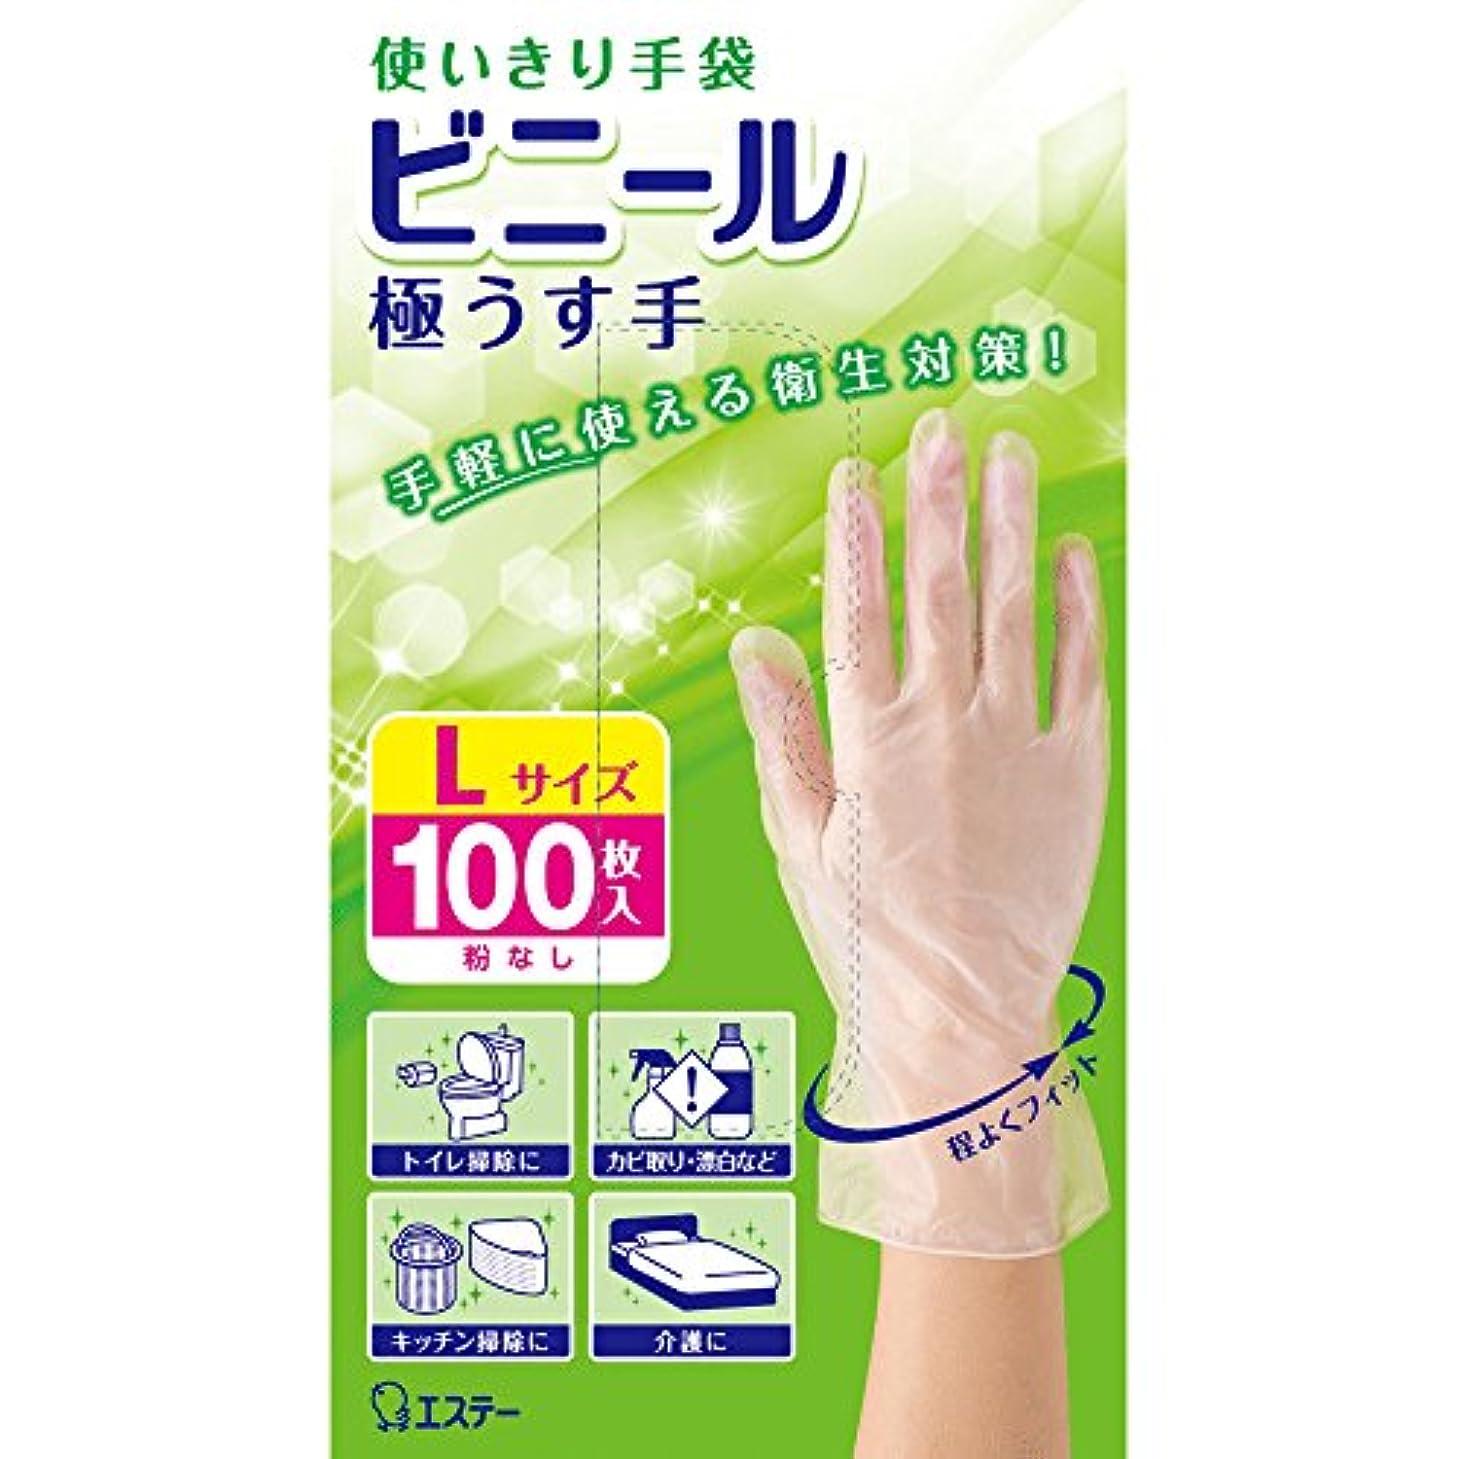 要旨眼スケッチ使いきり手袋 ビニール 極うす手 炊事?掃除用 Lサイズ 半透明 100枚